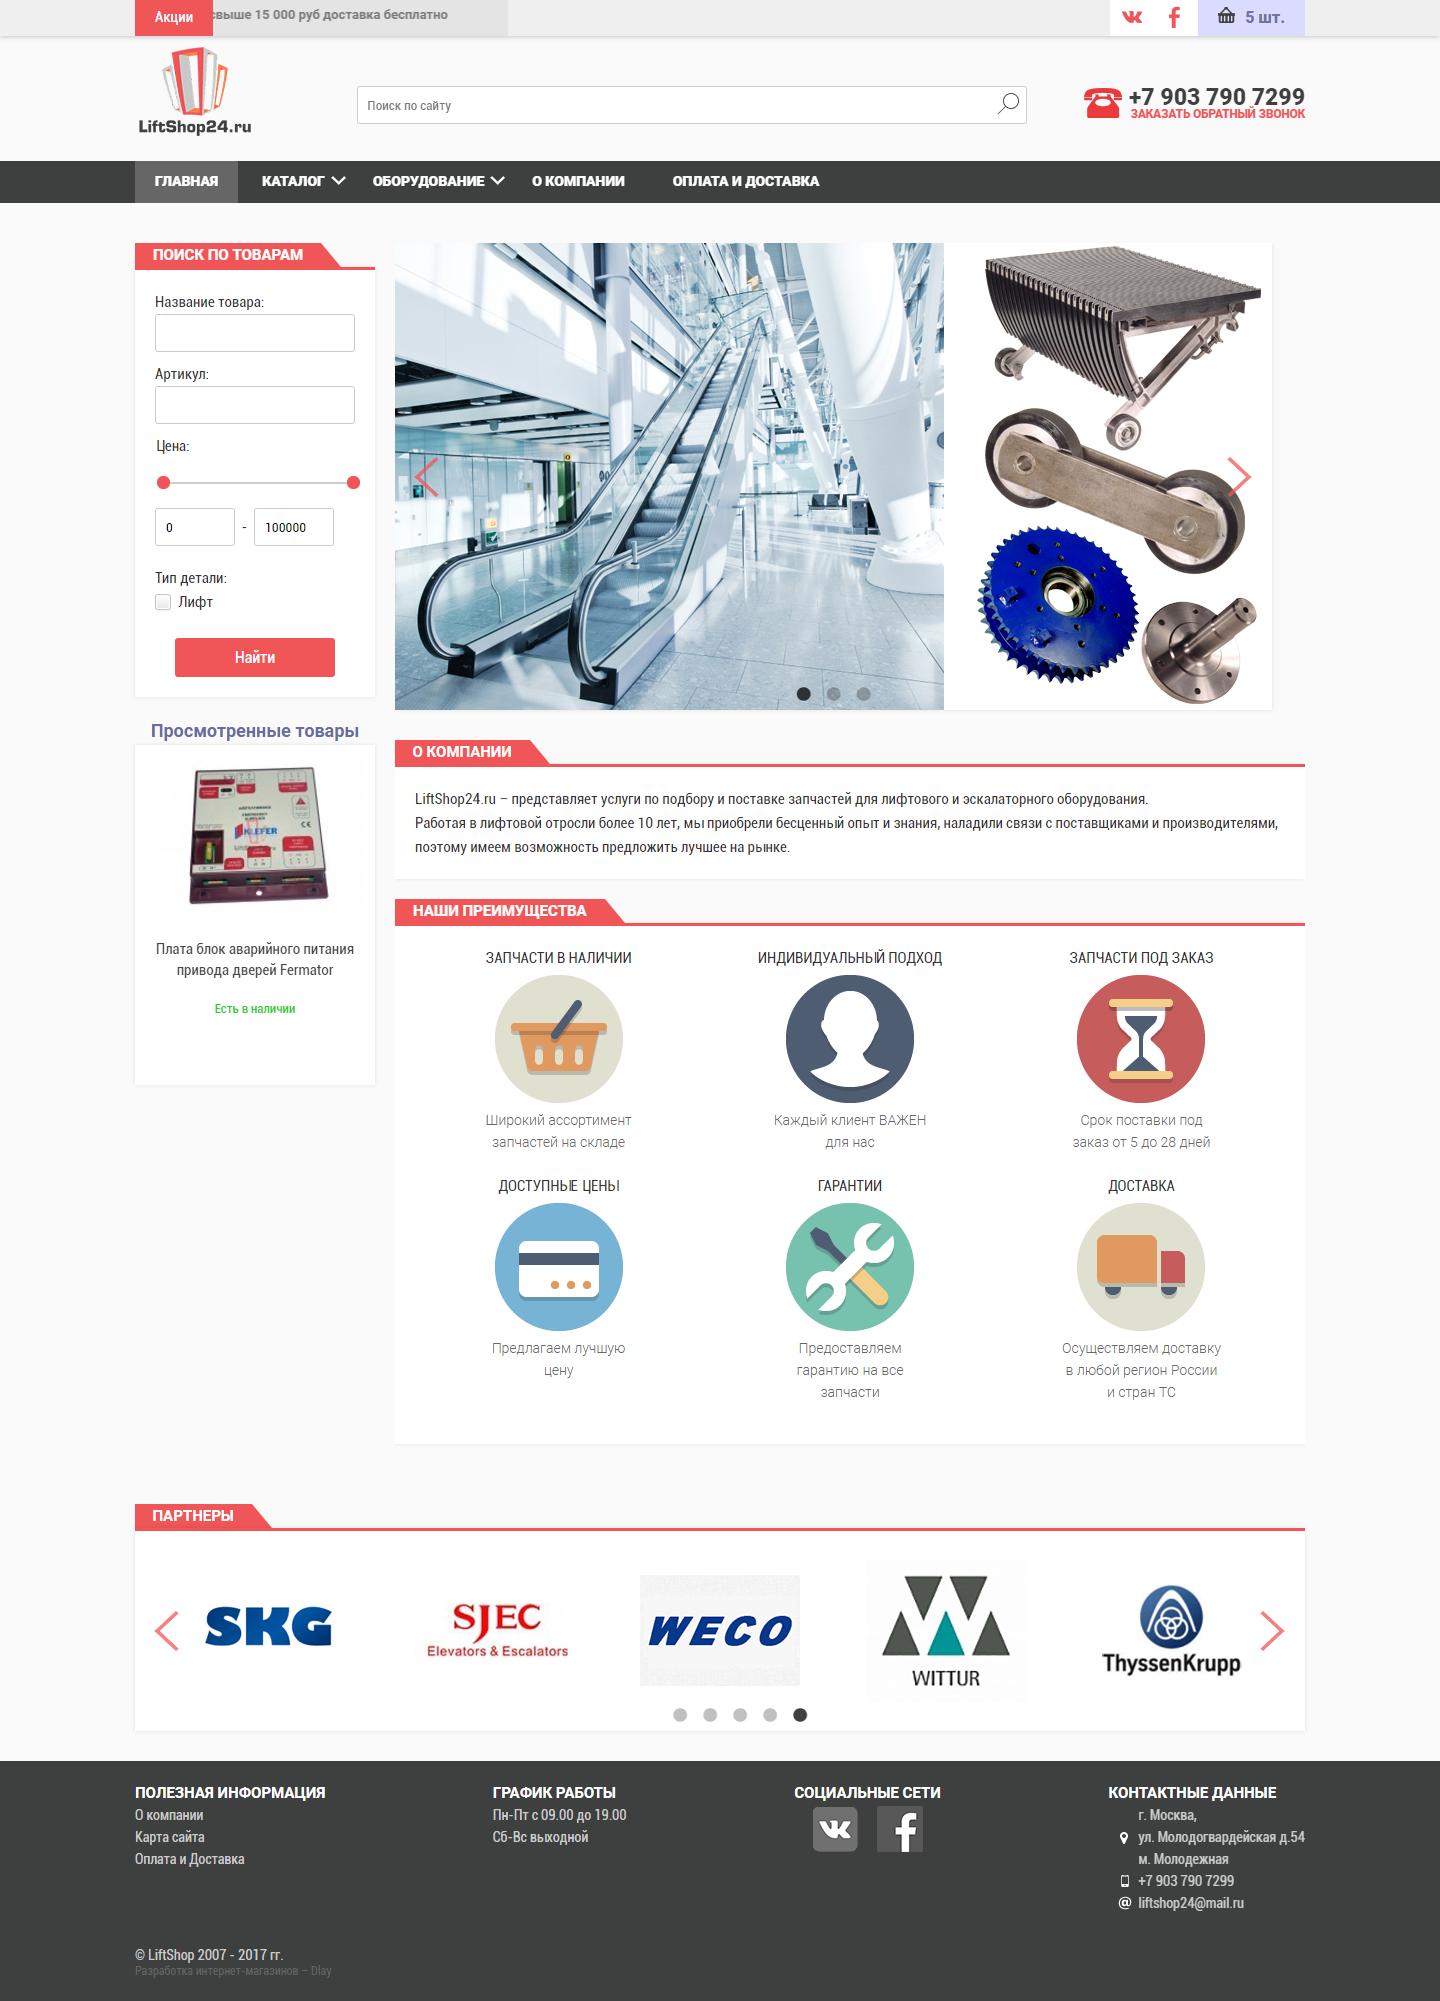 Интернет-магазин для компании Liftshop24